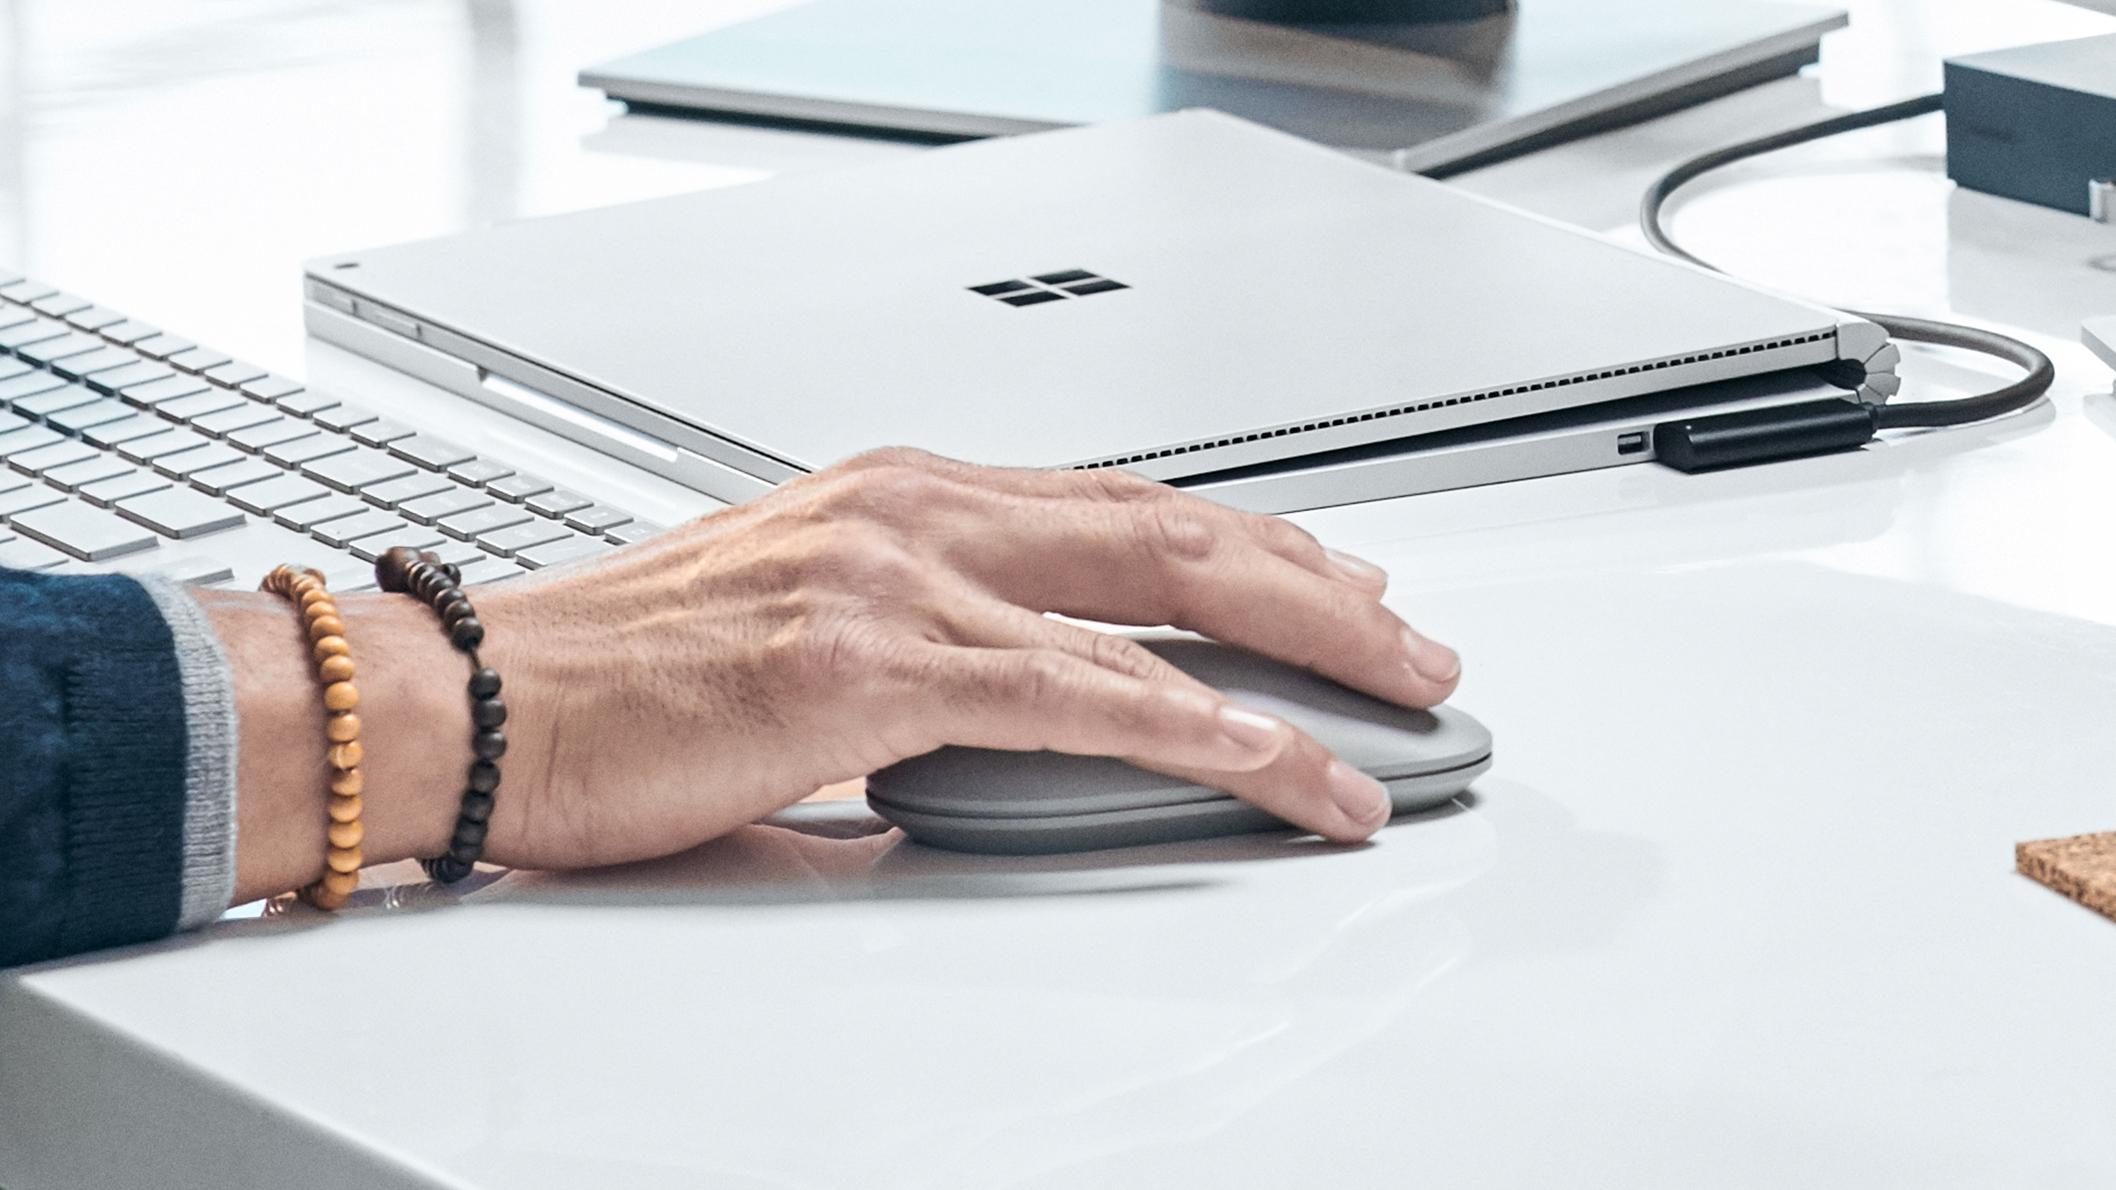 Kết quả hình ảnh cho Microsoft WS3-00001 Surface Mouse